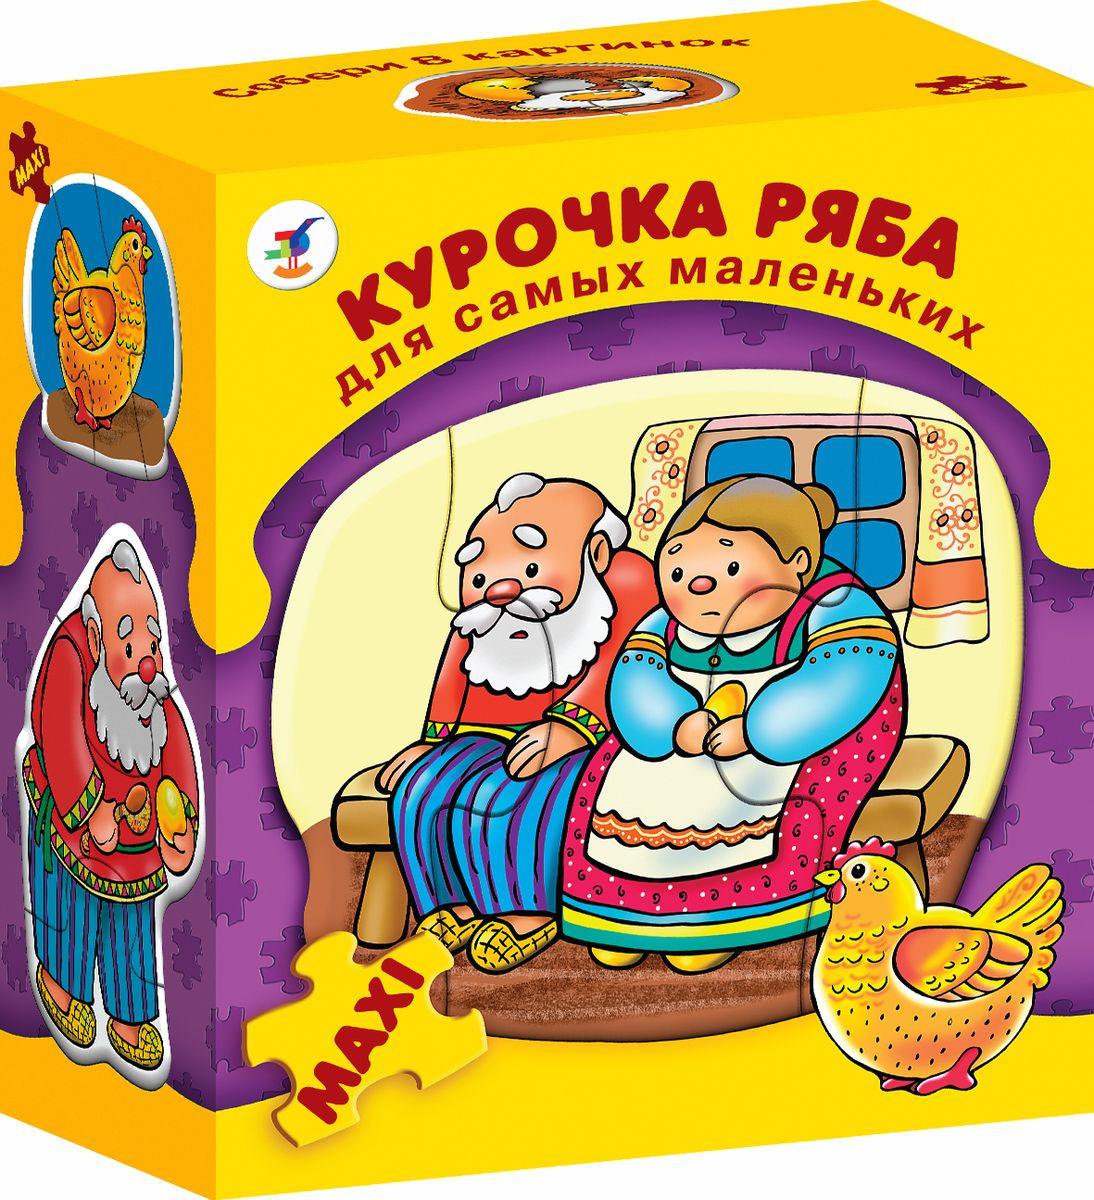 Дрофа-Медиа Пазл для малышей Курочка ряба 8 в 1 — купить в ...